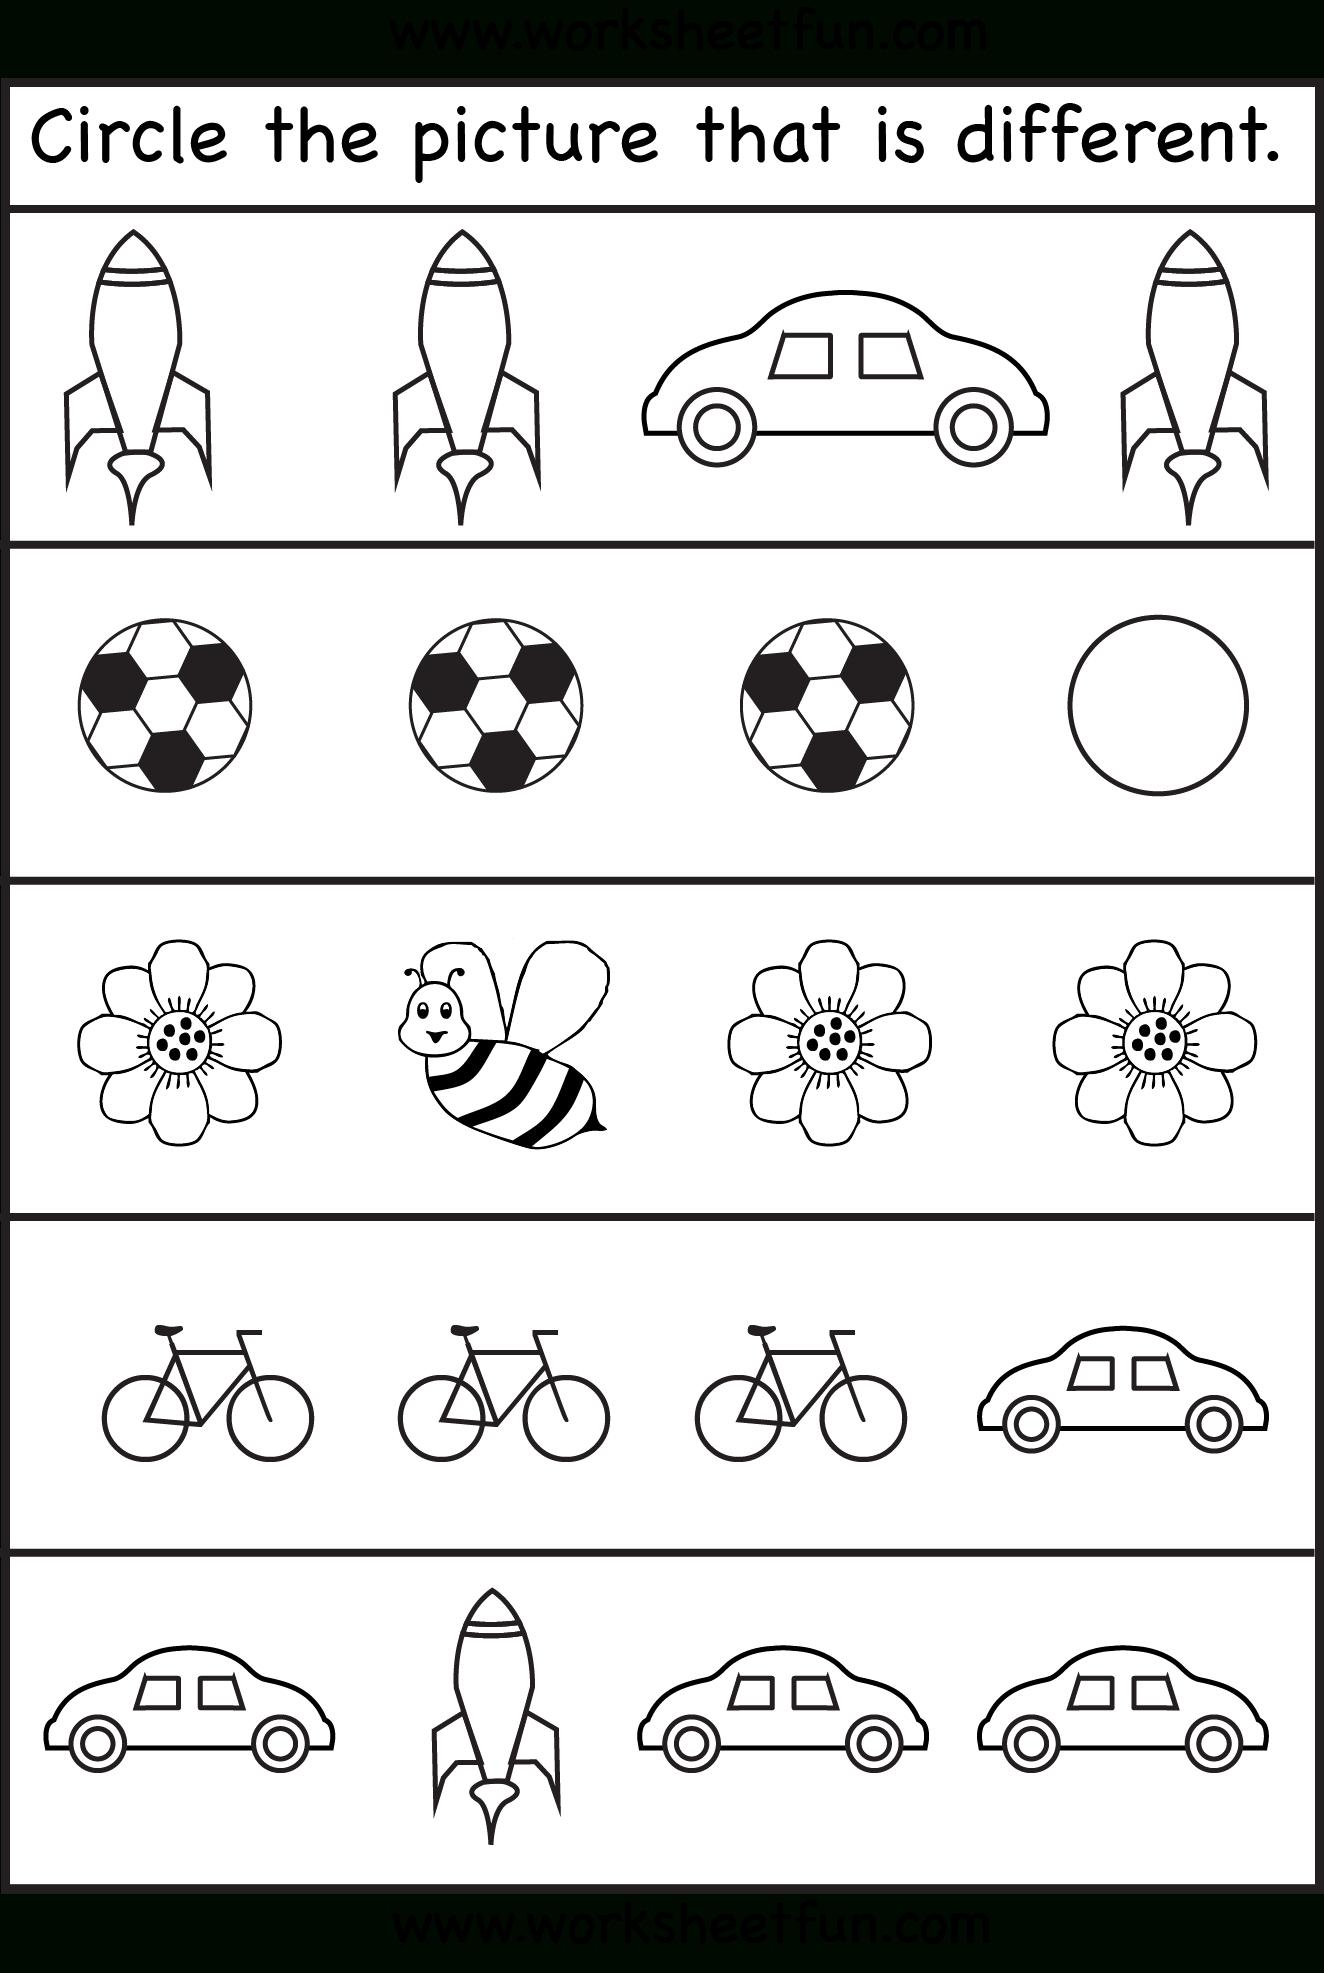 Same Or Different Worksheets For Toddler   Kids Worksheets Printable - Free Printable Toddler Worksheets